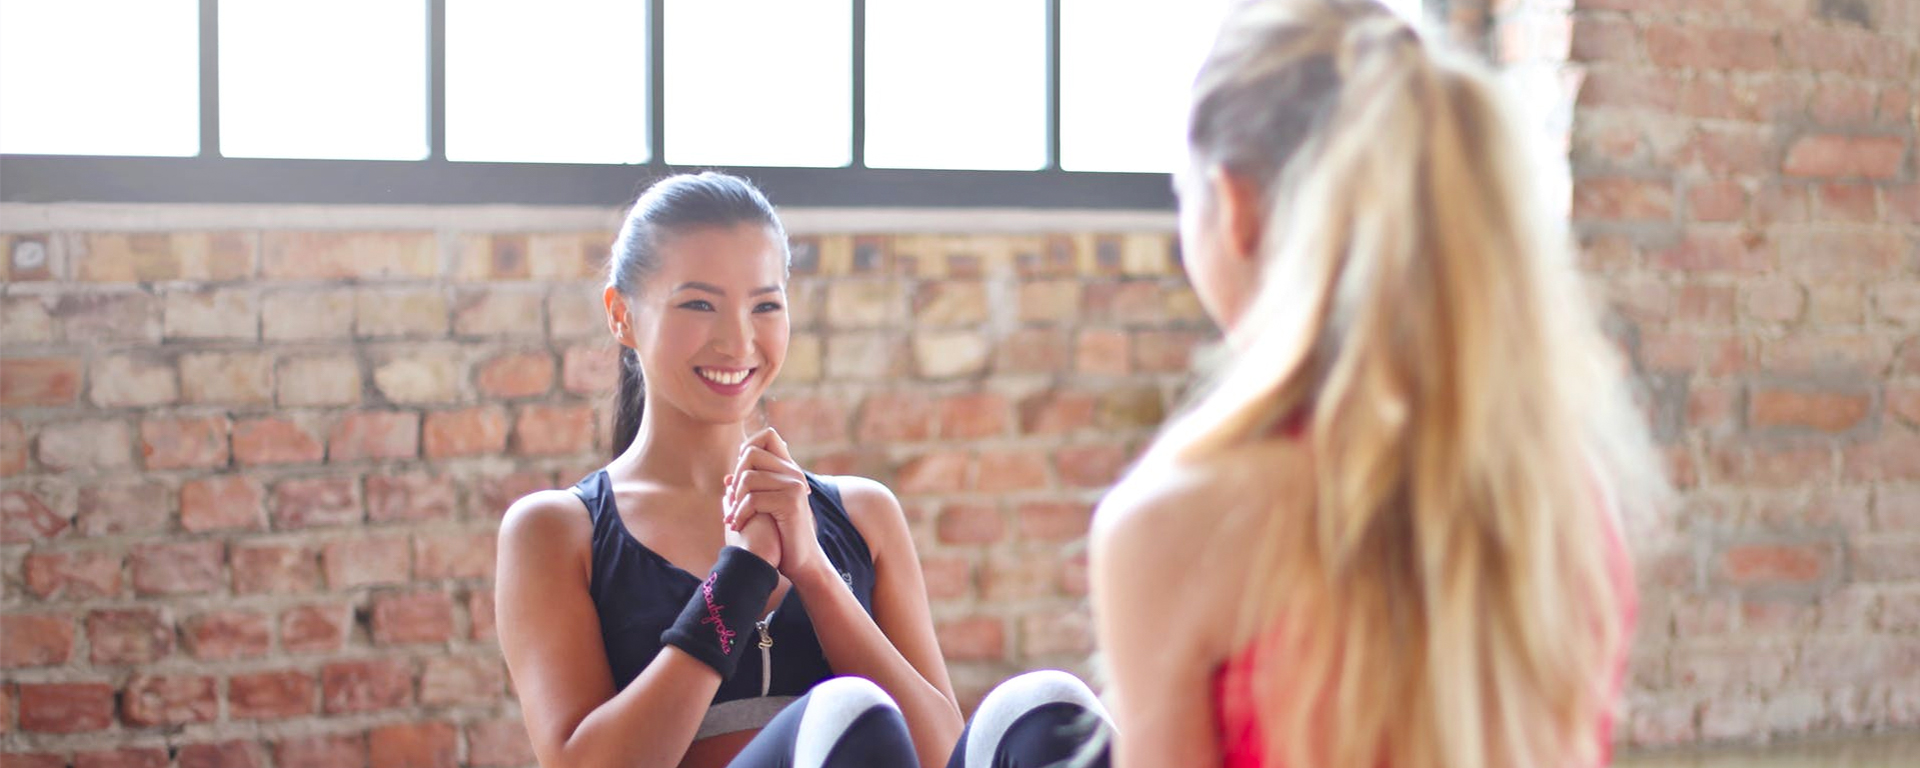 Four Fitness Motivators